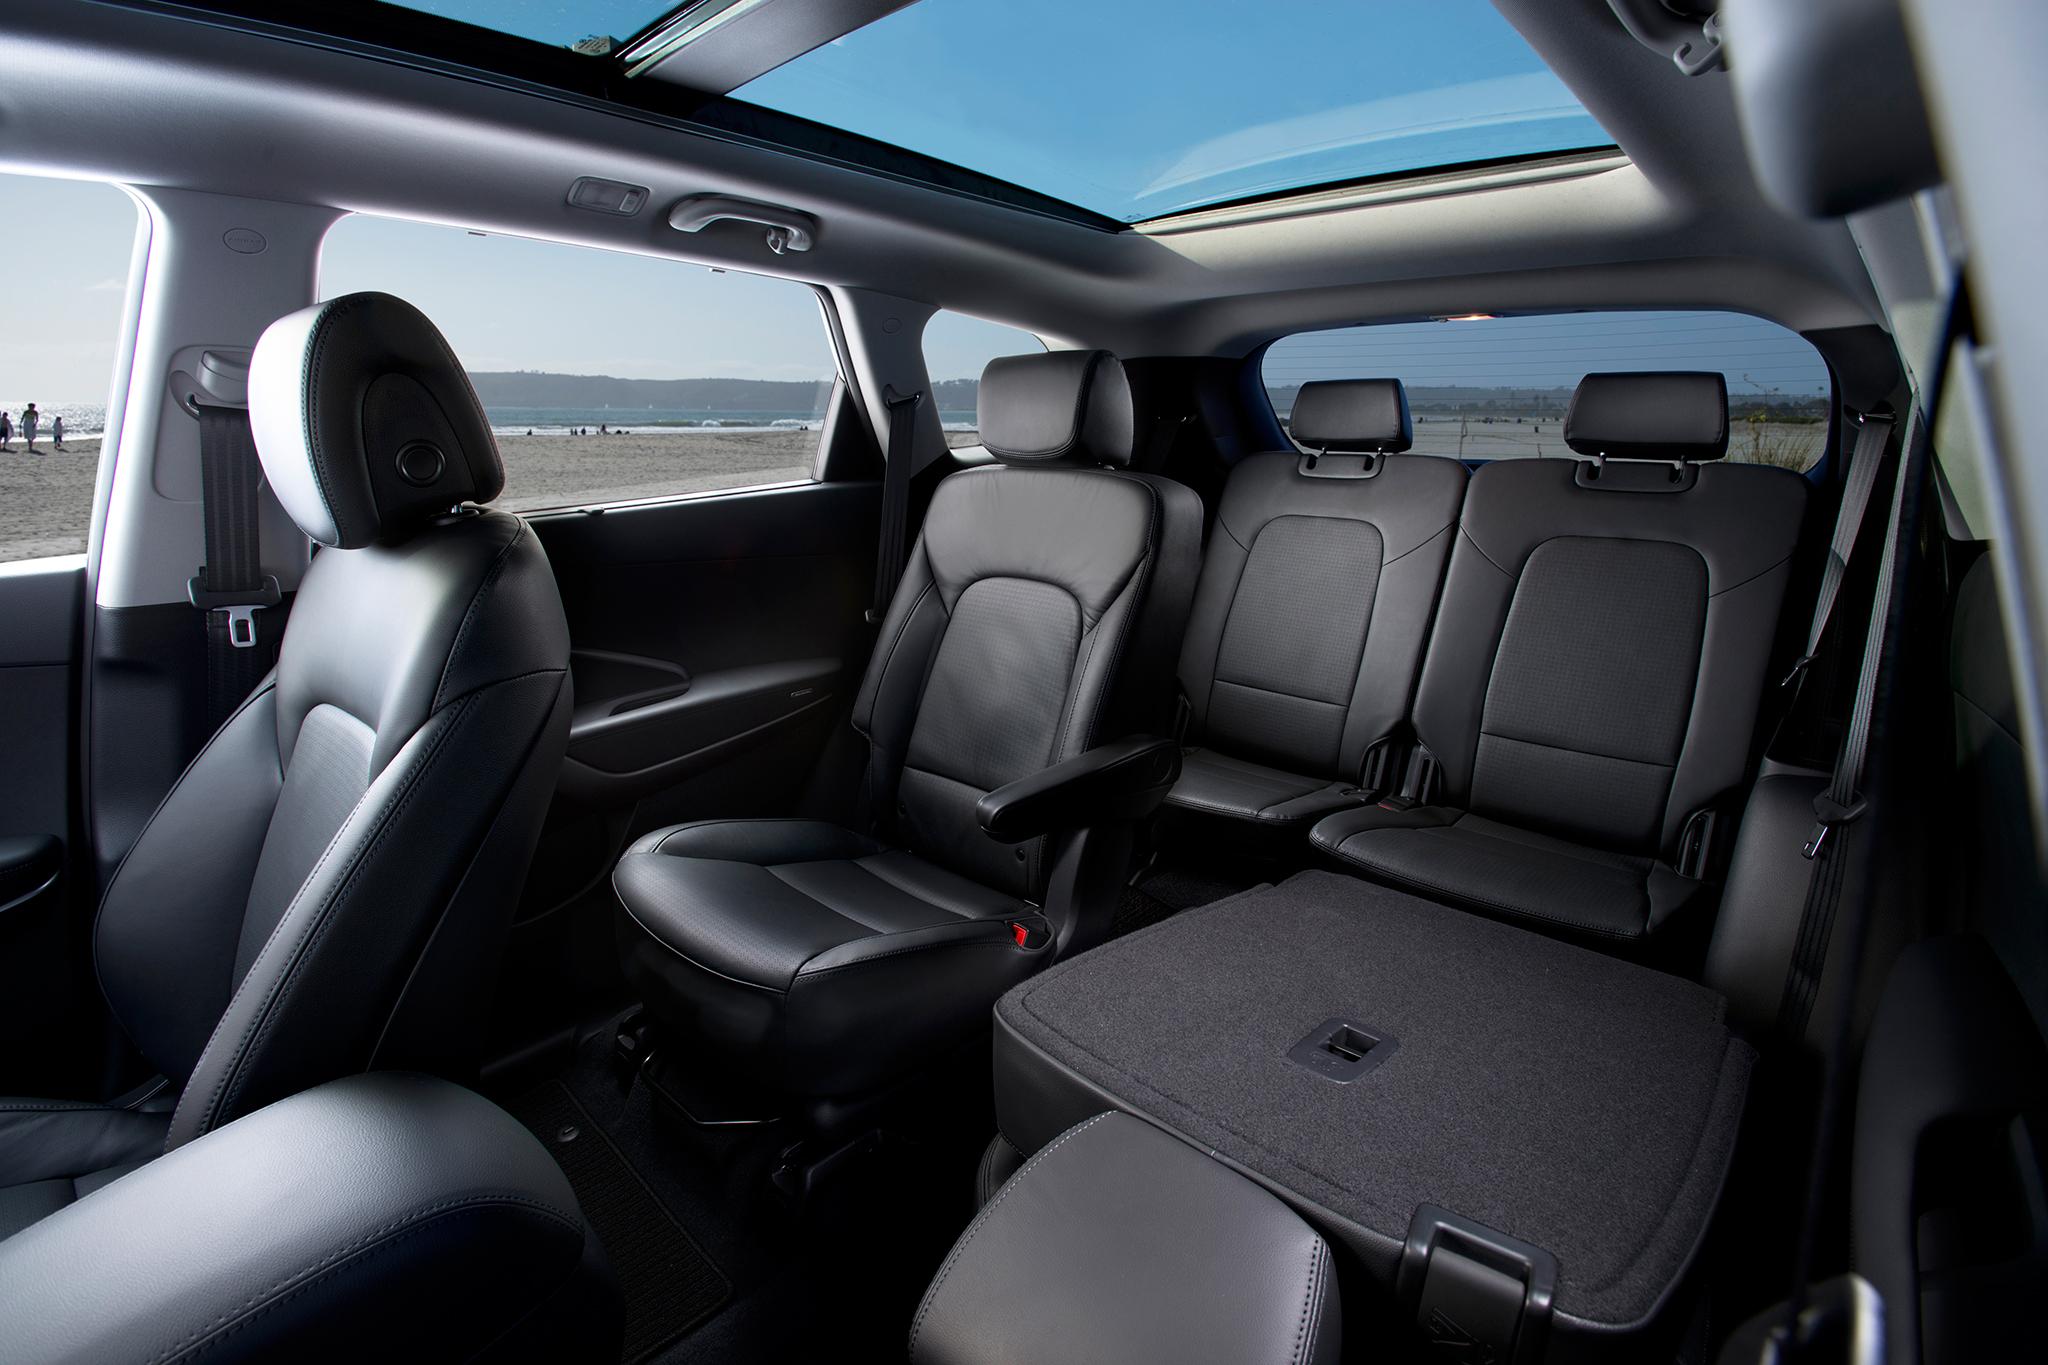 2014 Hyundai Santa Fe Rear Seats